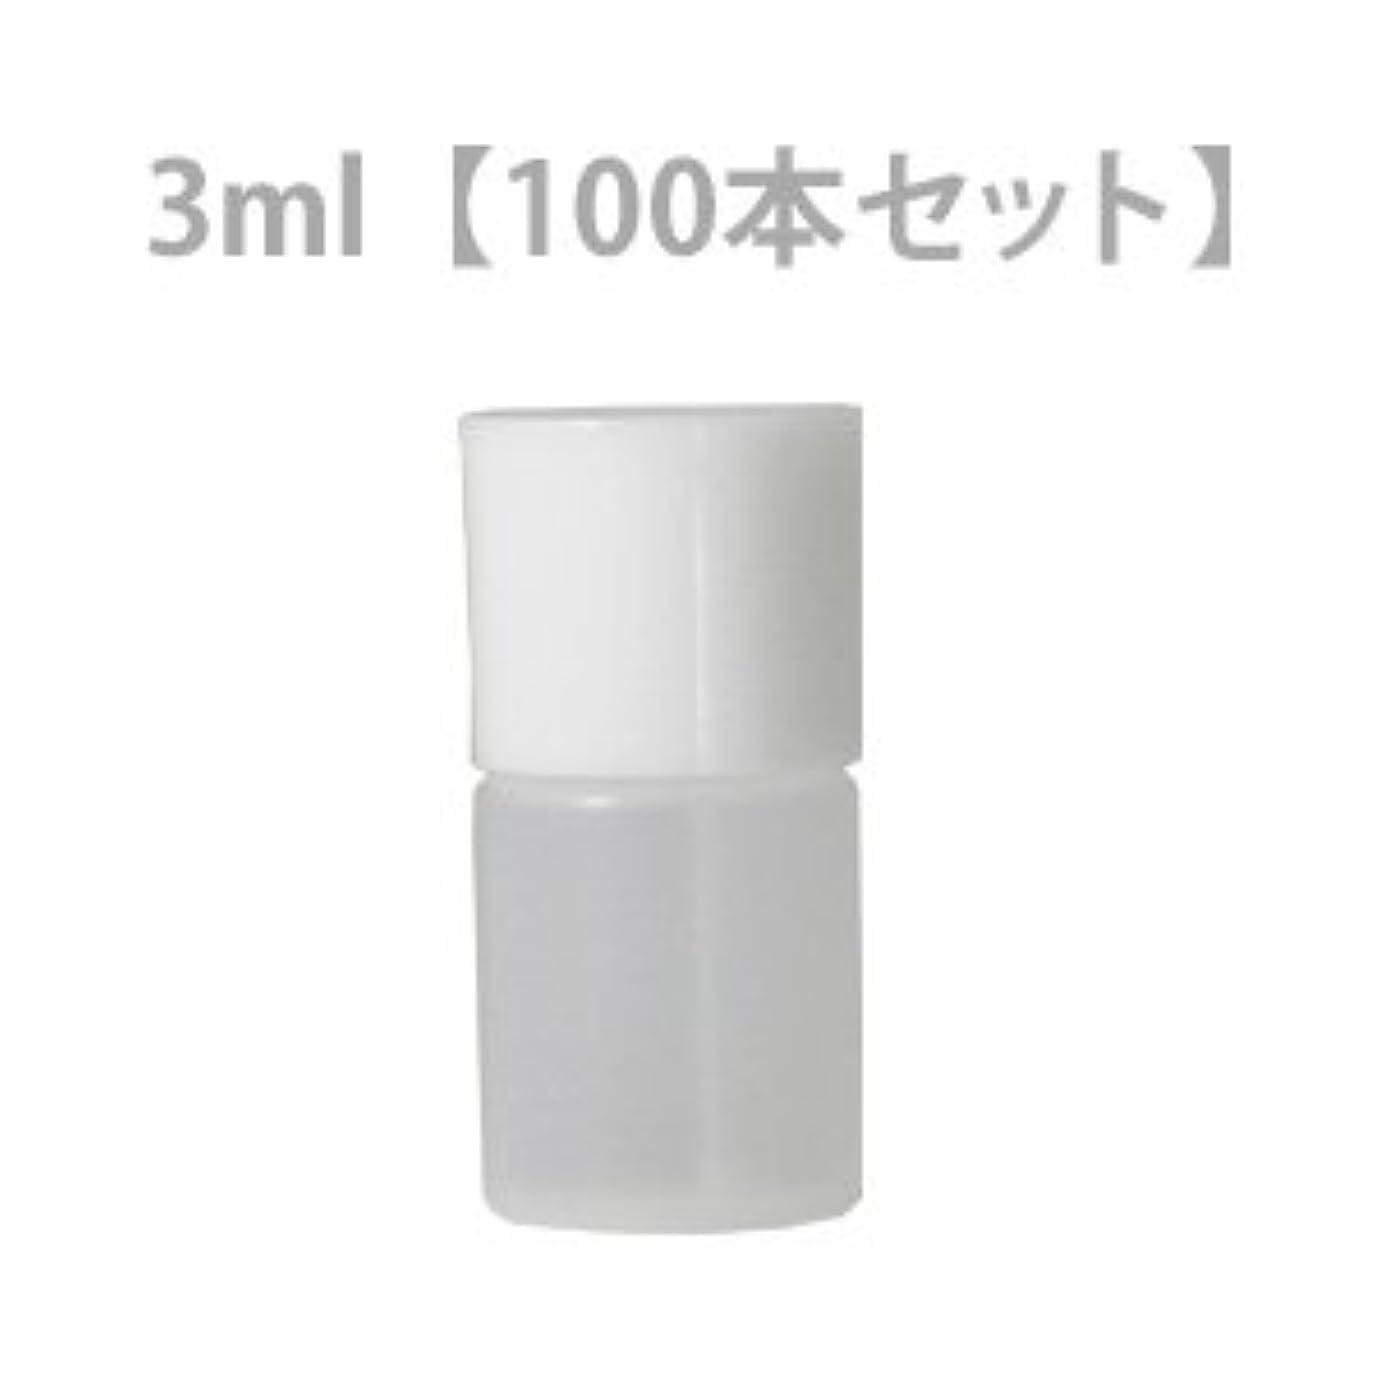 血まみれの拒否周り穴あき中栓付きミニボトル 化粧品容器 3ml 100本セット